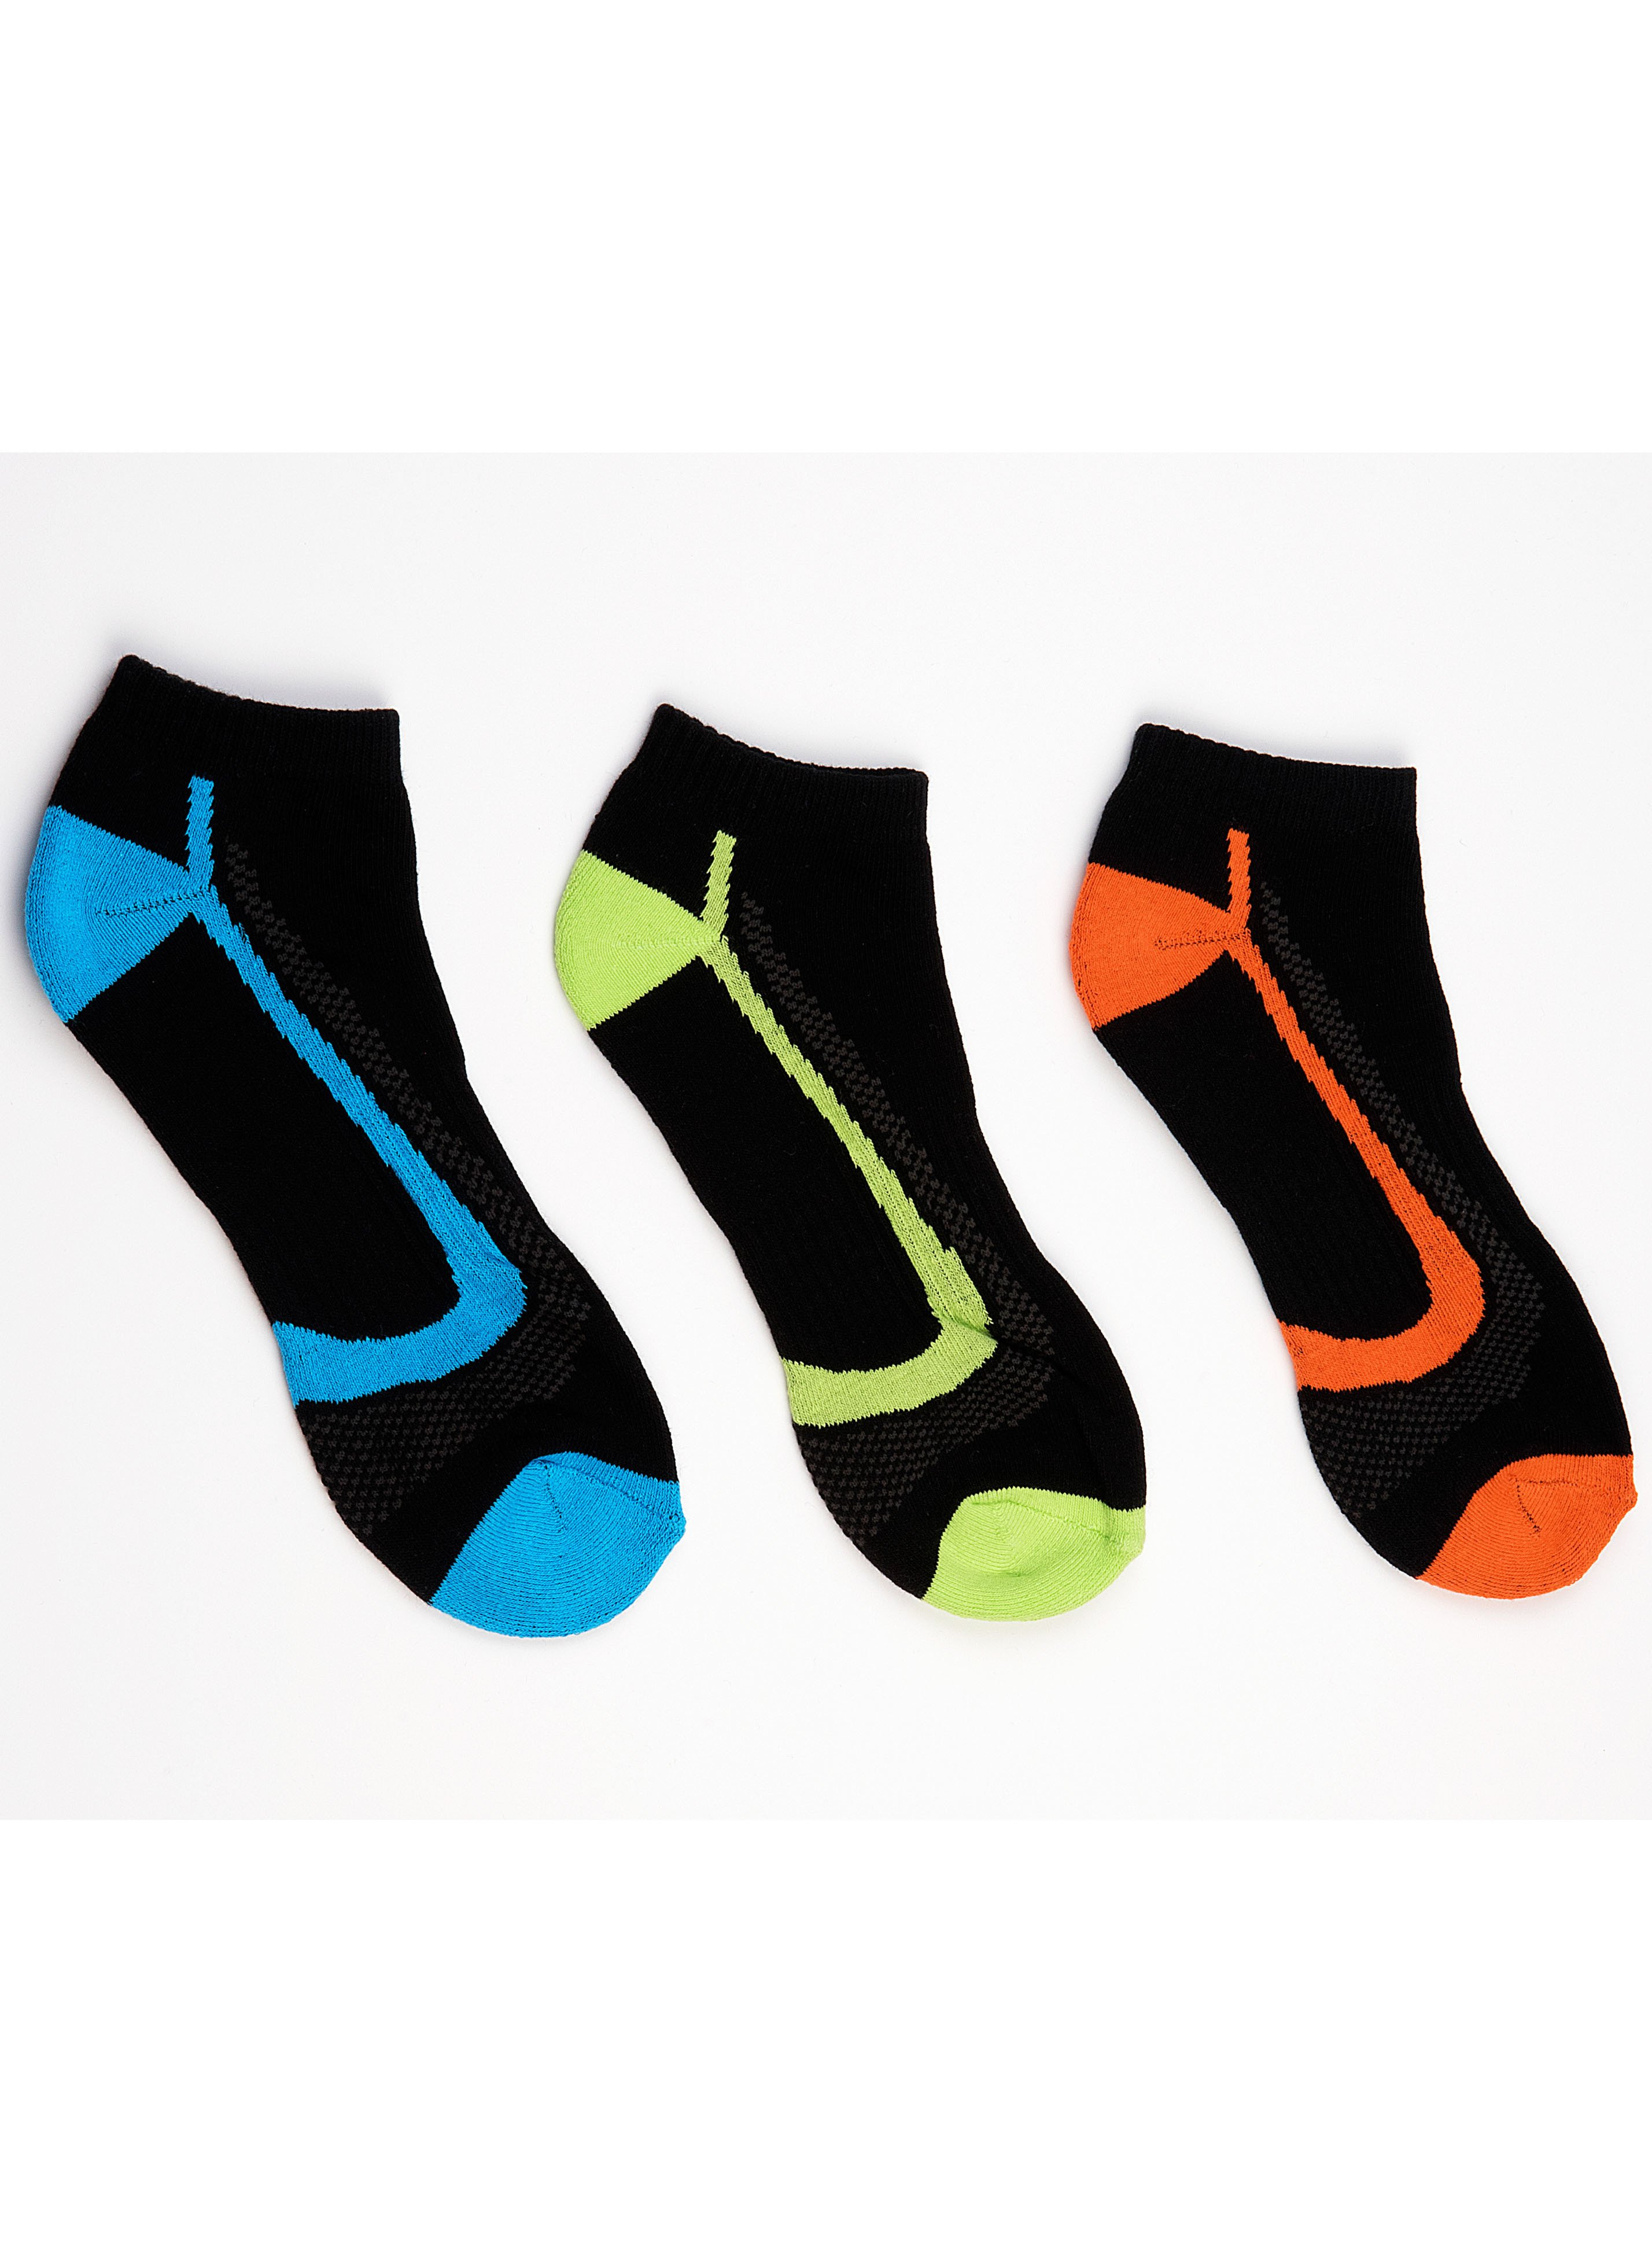 Sneakers per lo sport, 3 paia